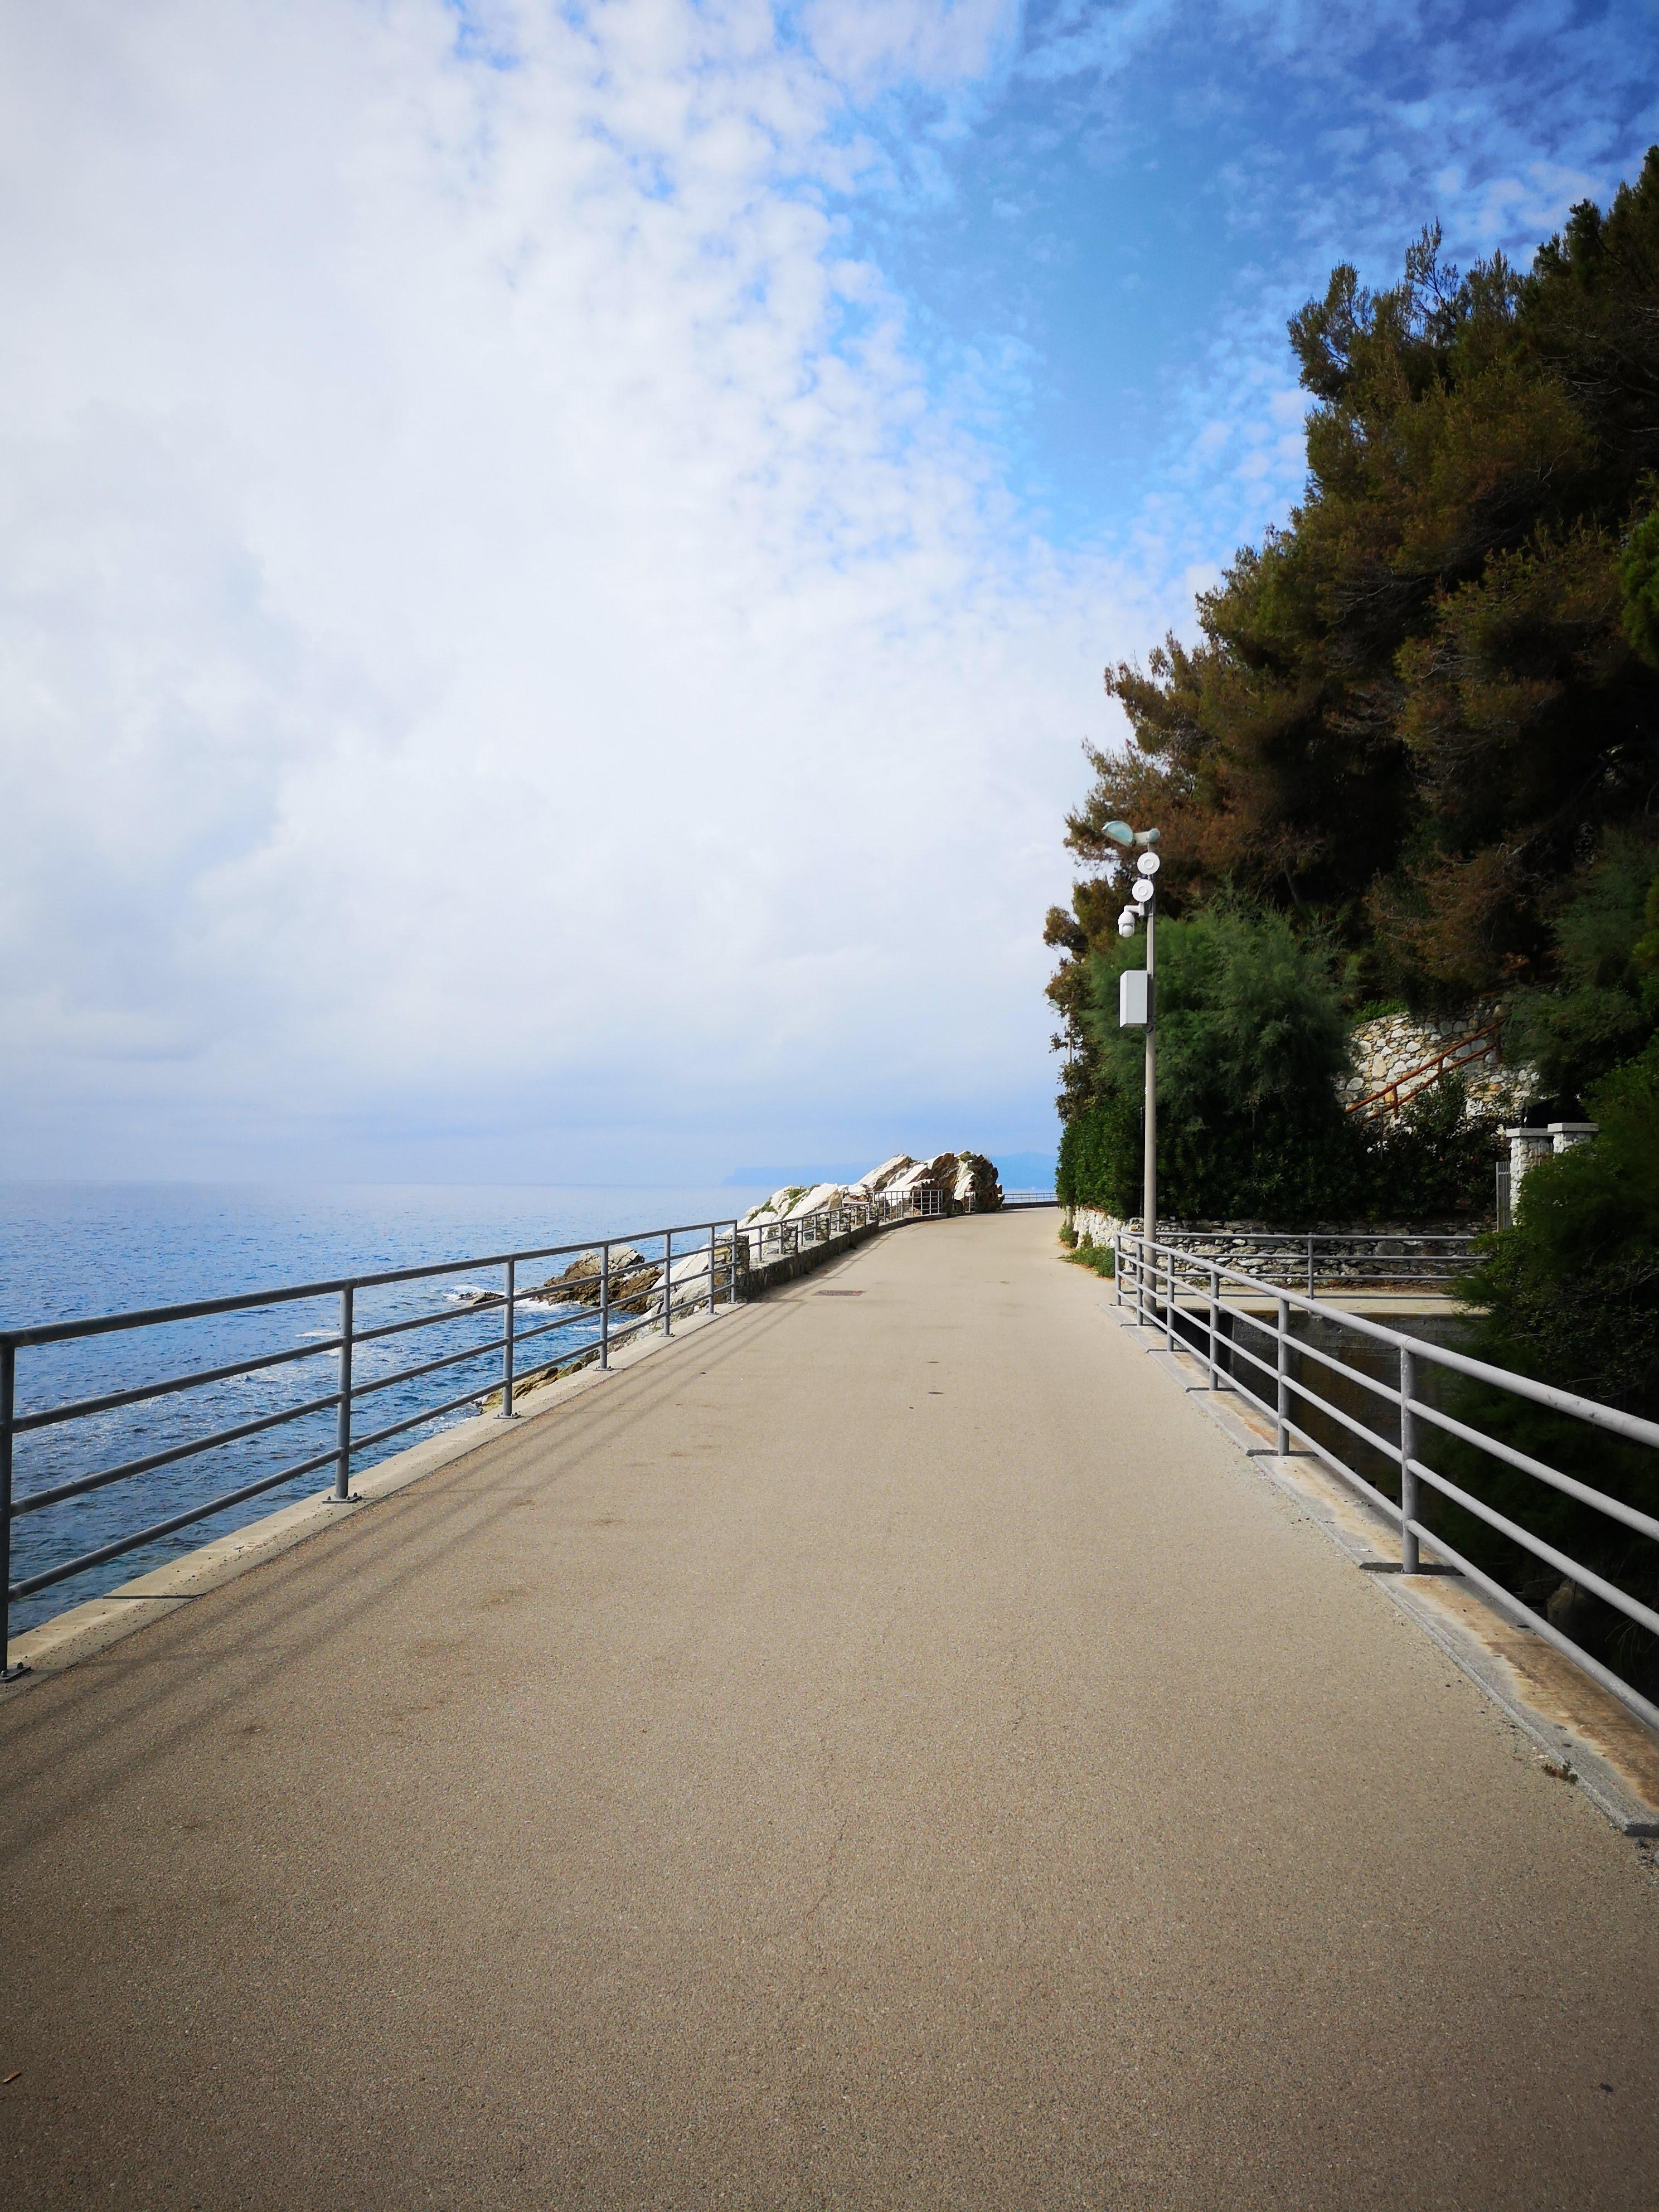 Lungo le ciclabili tra Arenzano e Savona, spesso si viaggia su ponti, trattandosi di una ex ferrovia. Il bello è scoprire cosa c'è sotto ai ponti: un accesso al mare, un piccolo bar, a volte una spiaggetta, un pescatore, ...